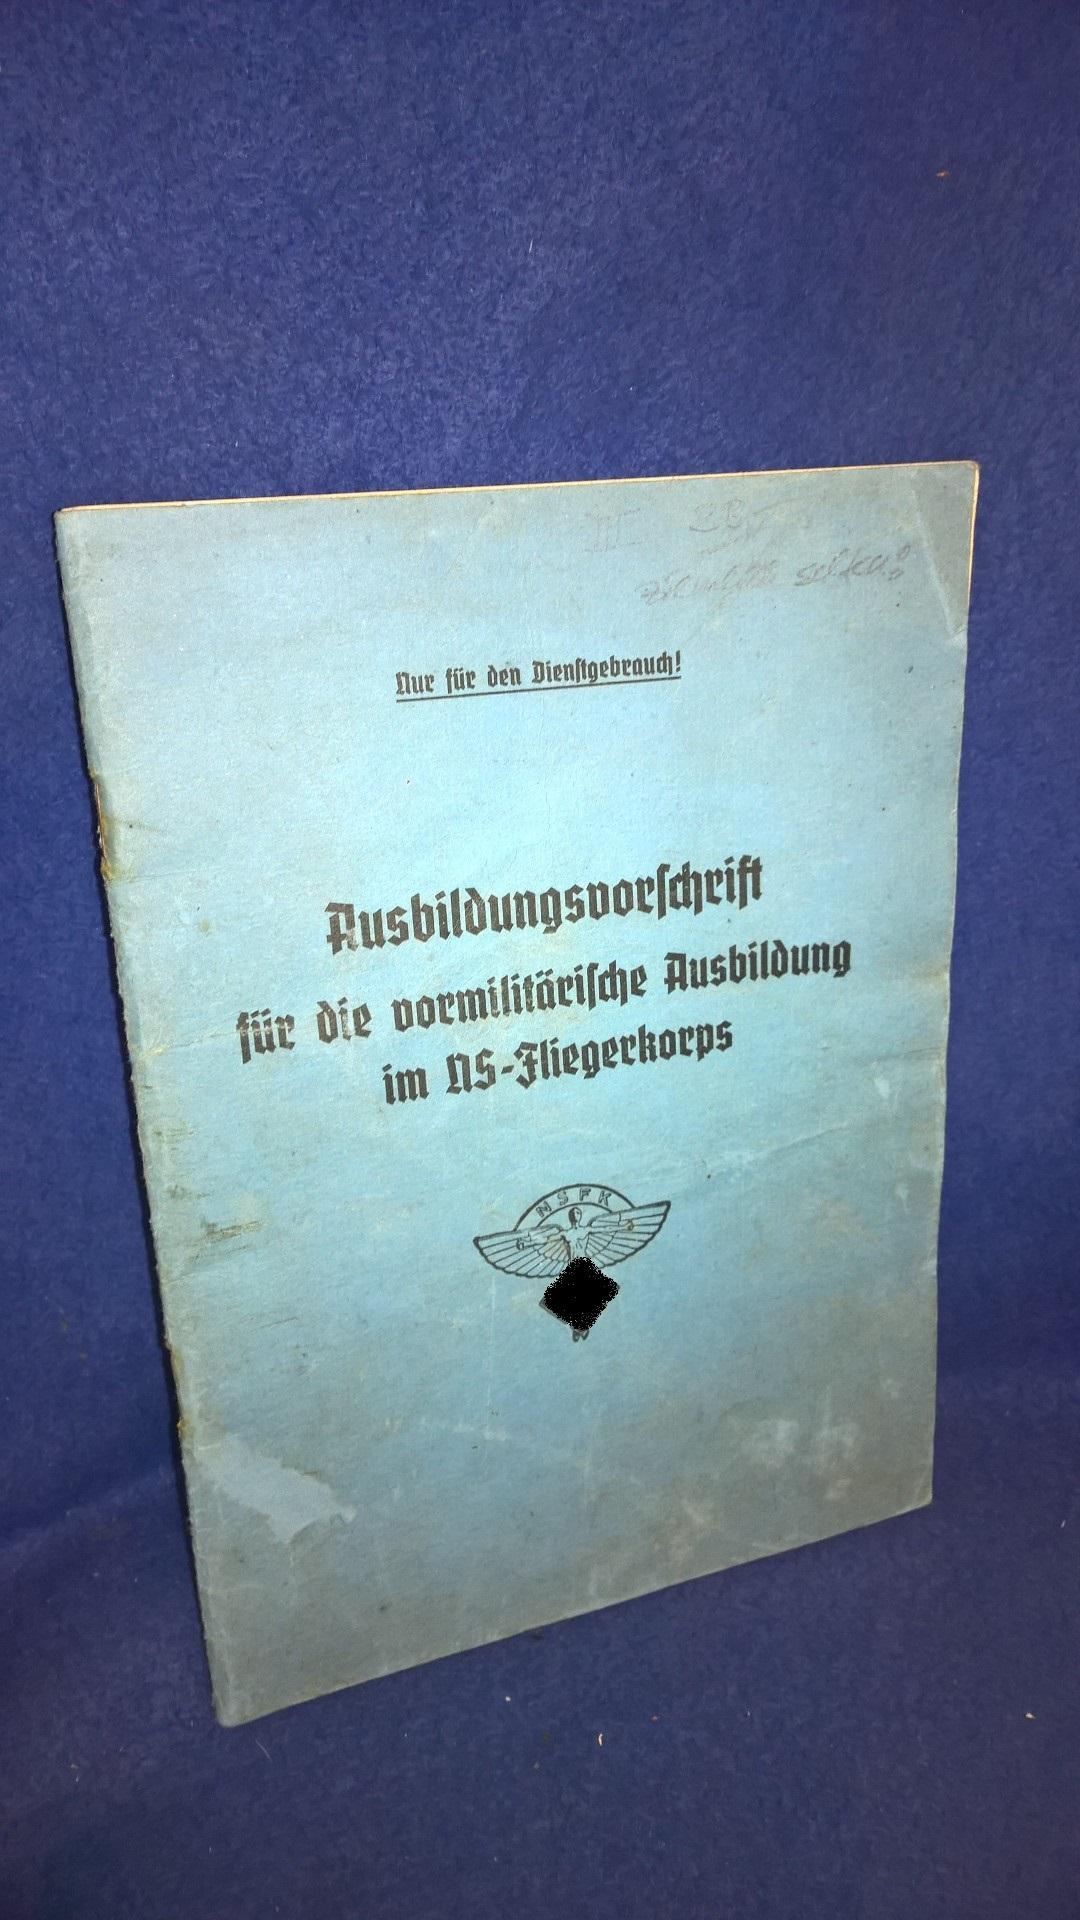 Ausbildungsvorschrift für die vormilitärische Ausbildung im NS-Fliegerkorps.